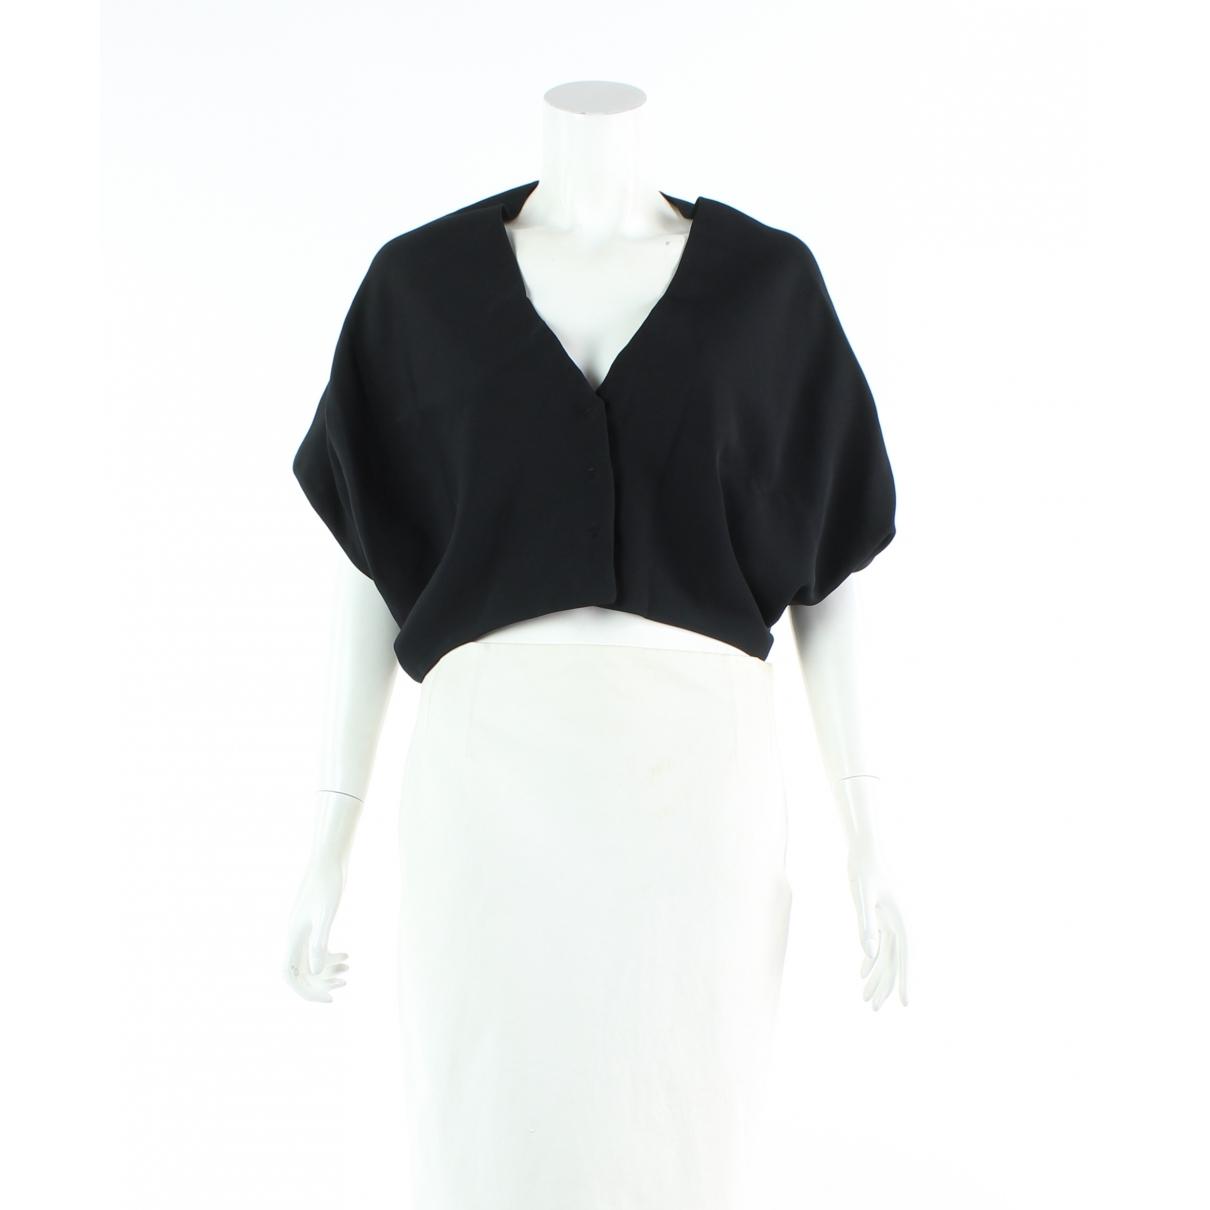 Vionnet \N Black jacket for Women 42 IT